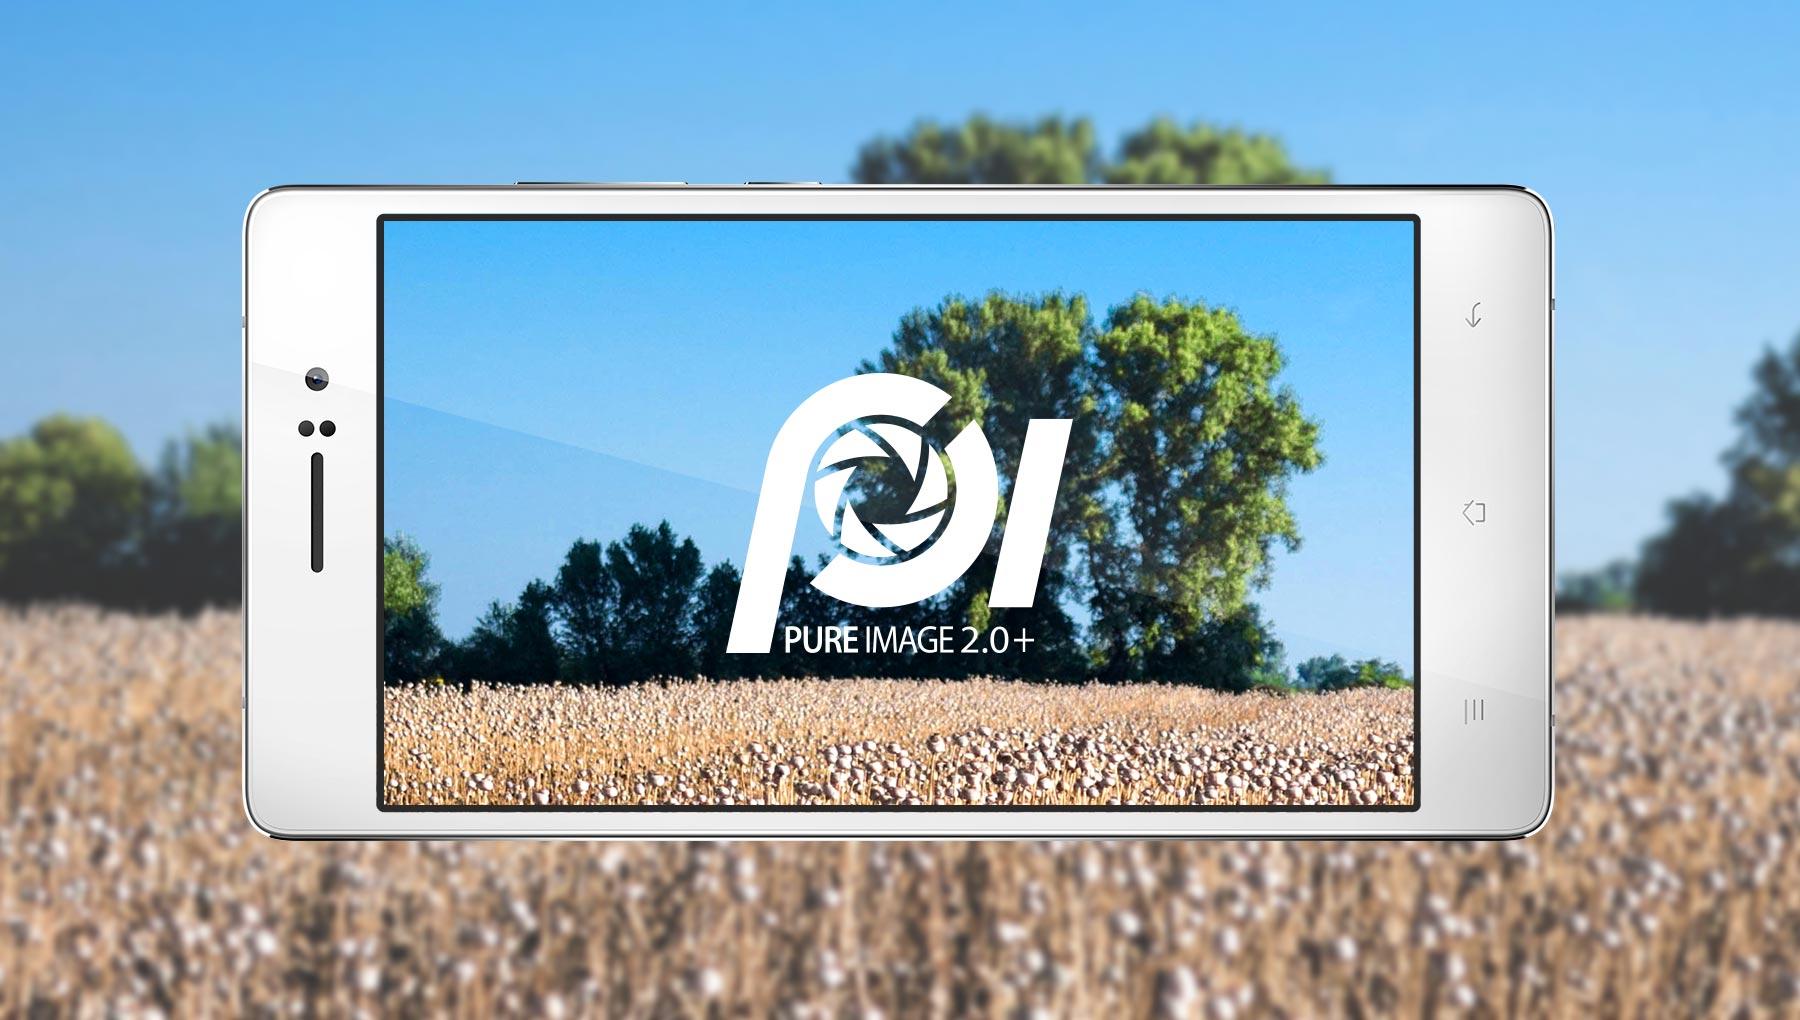 OPPO R5  PI PURE IMAGE 2.0